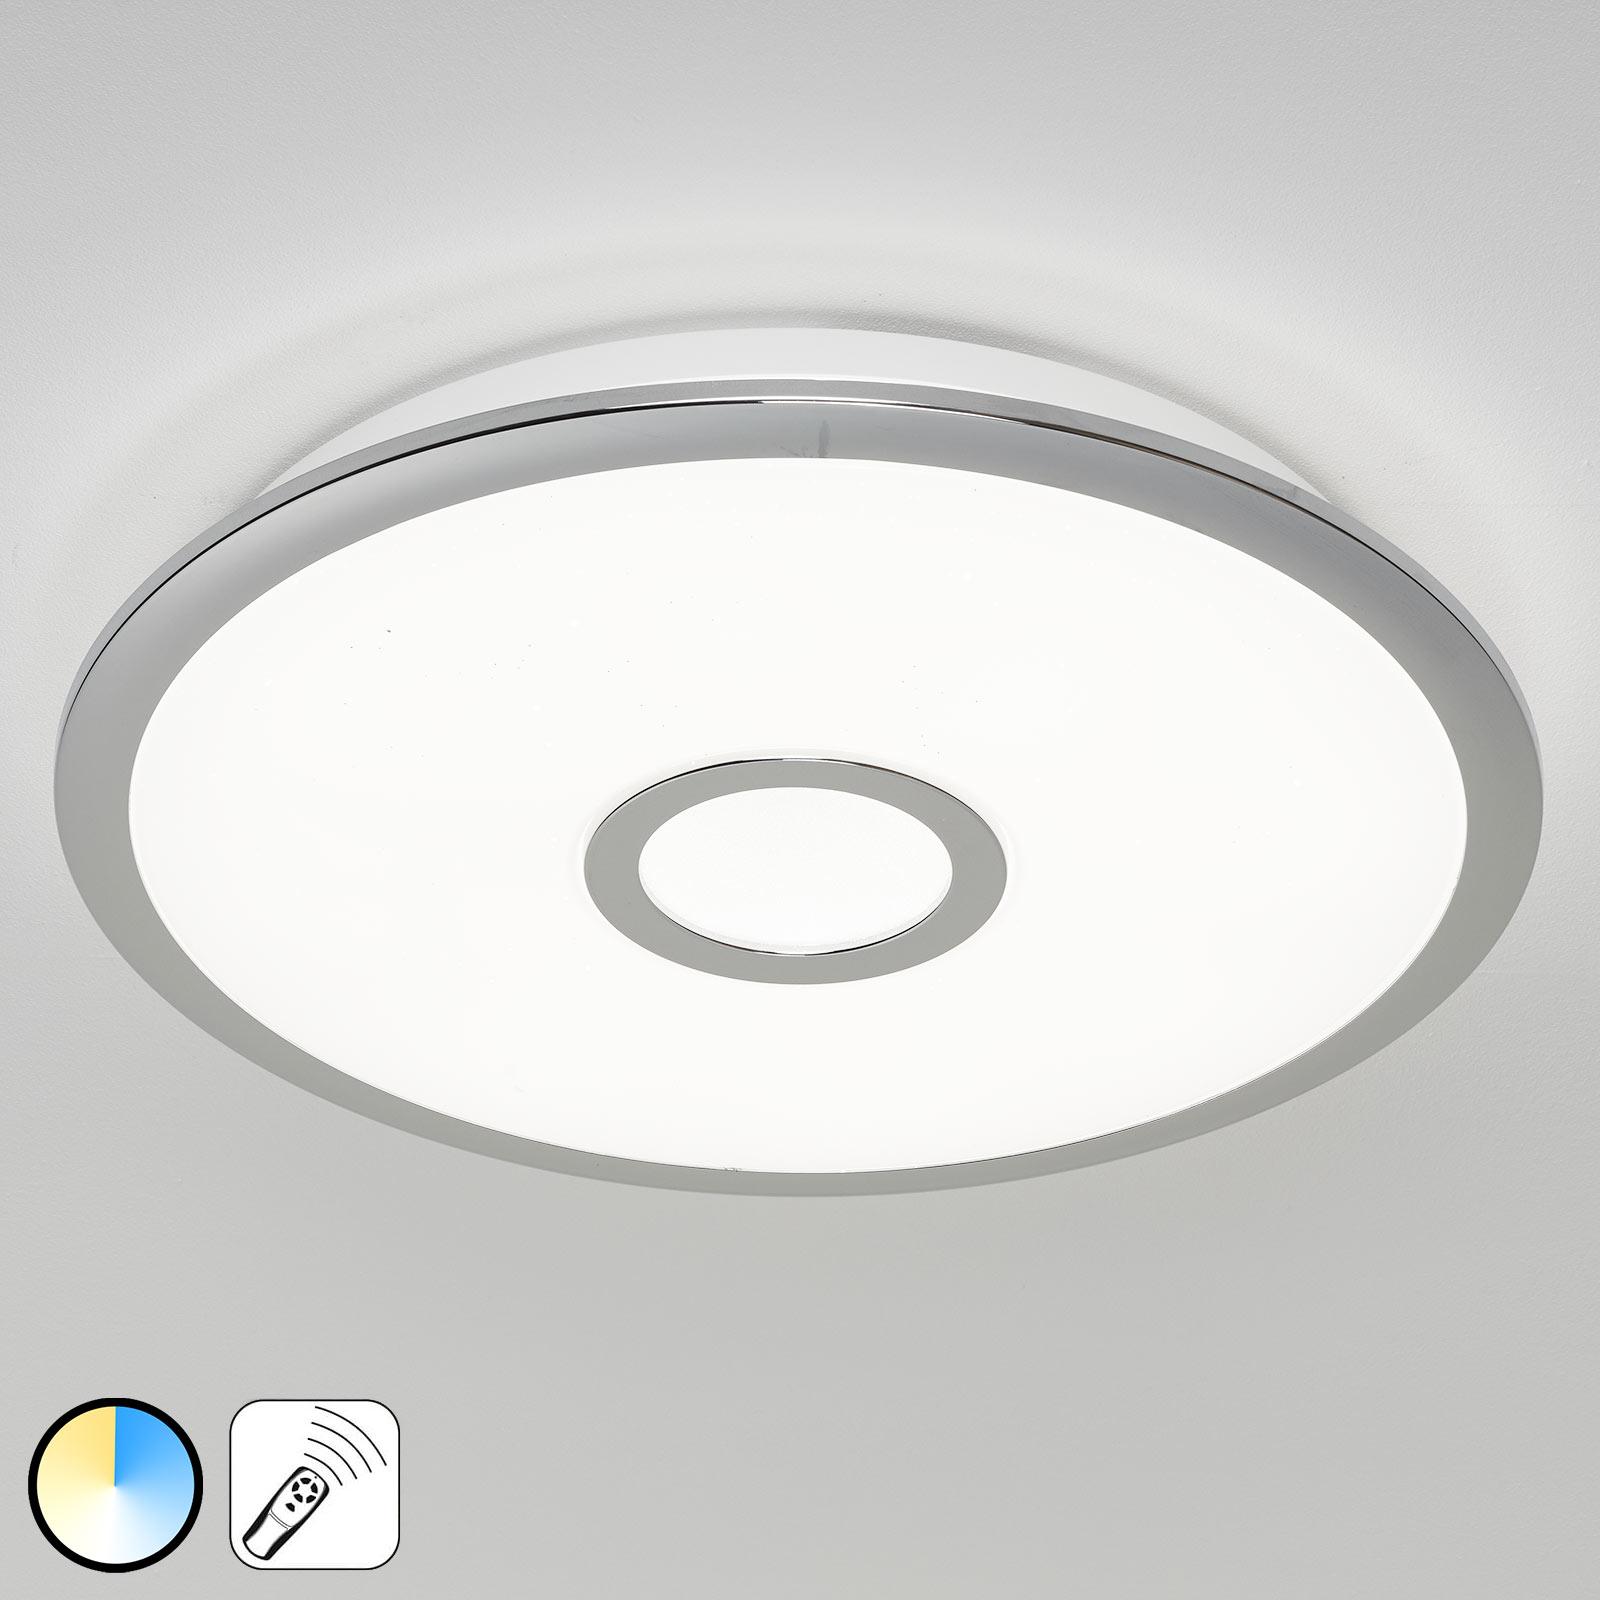 Lampa sufitowa LED Osaka z funkcją zapamiętywania